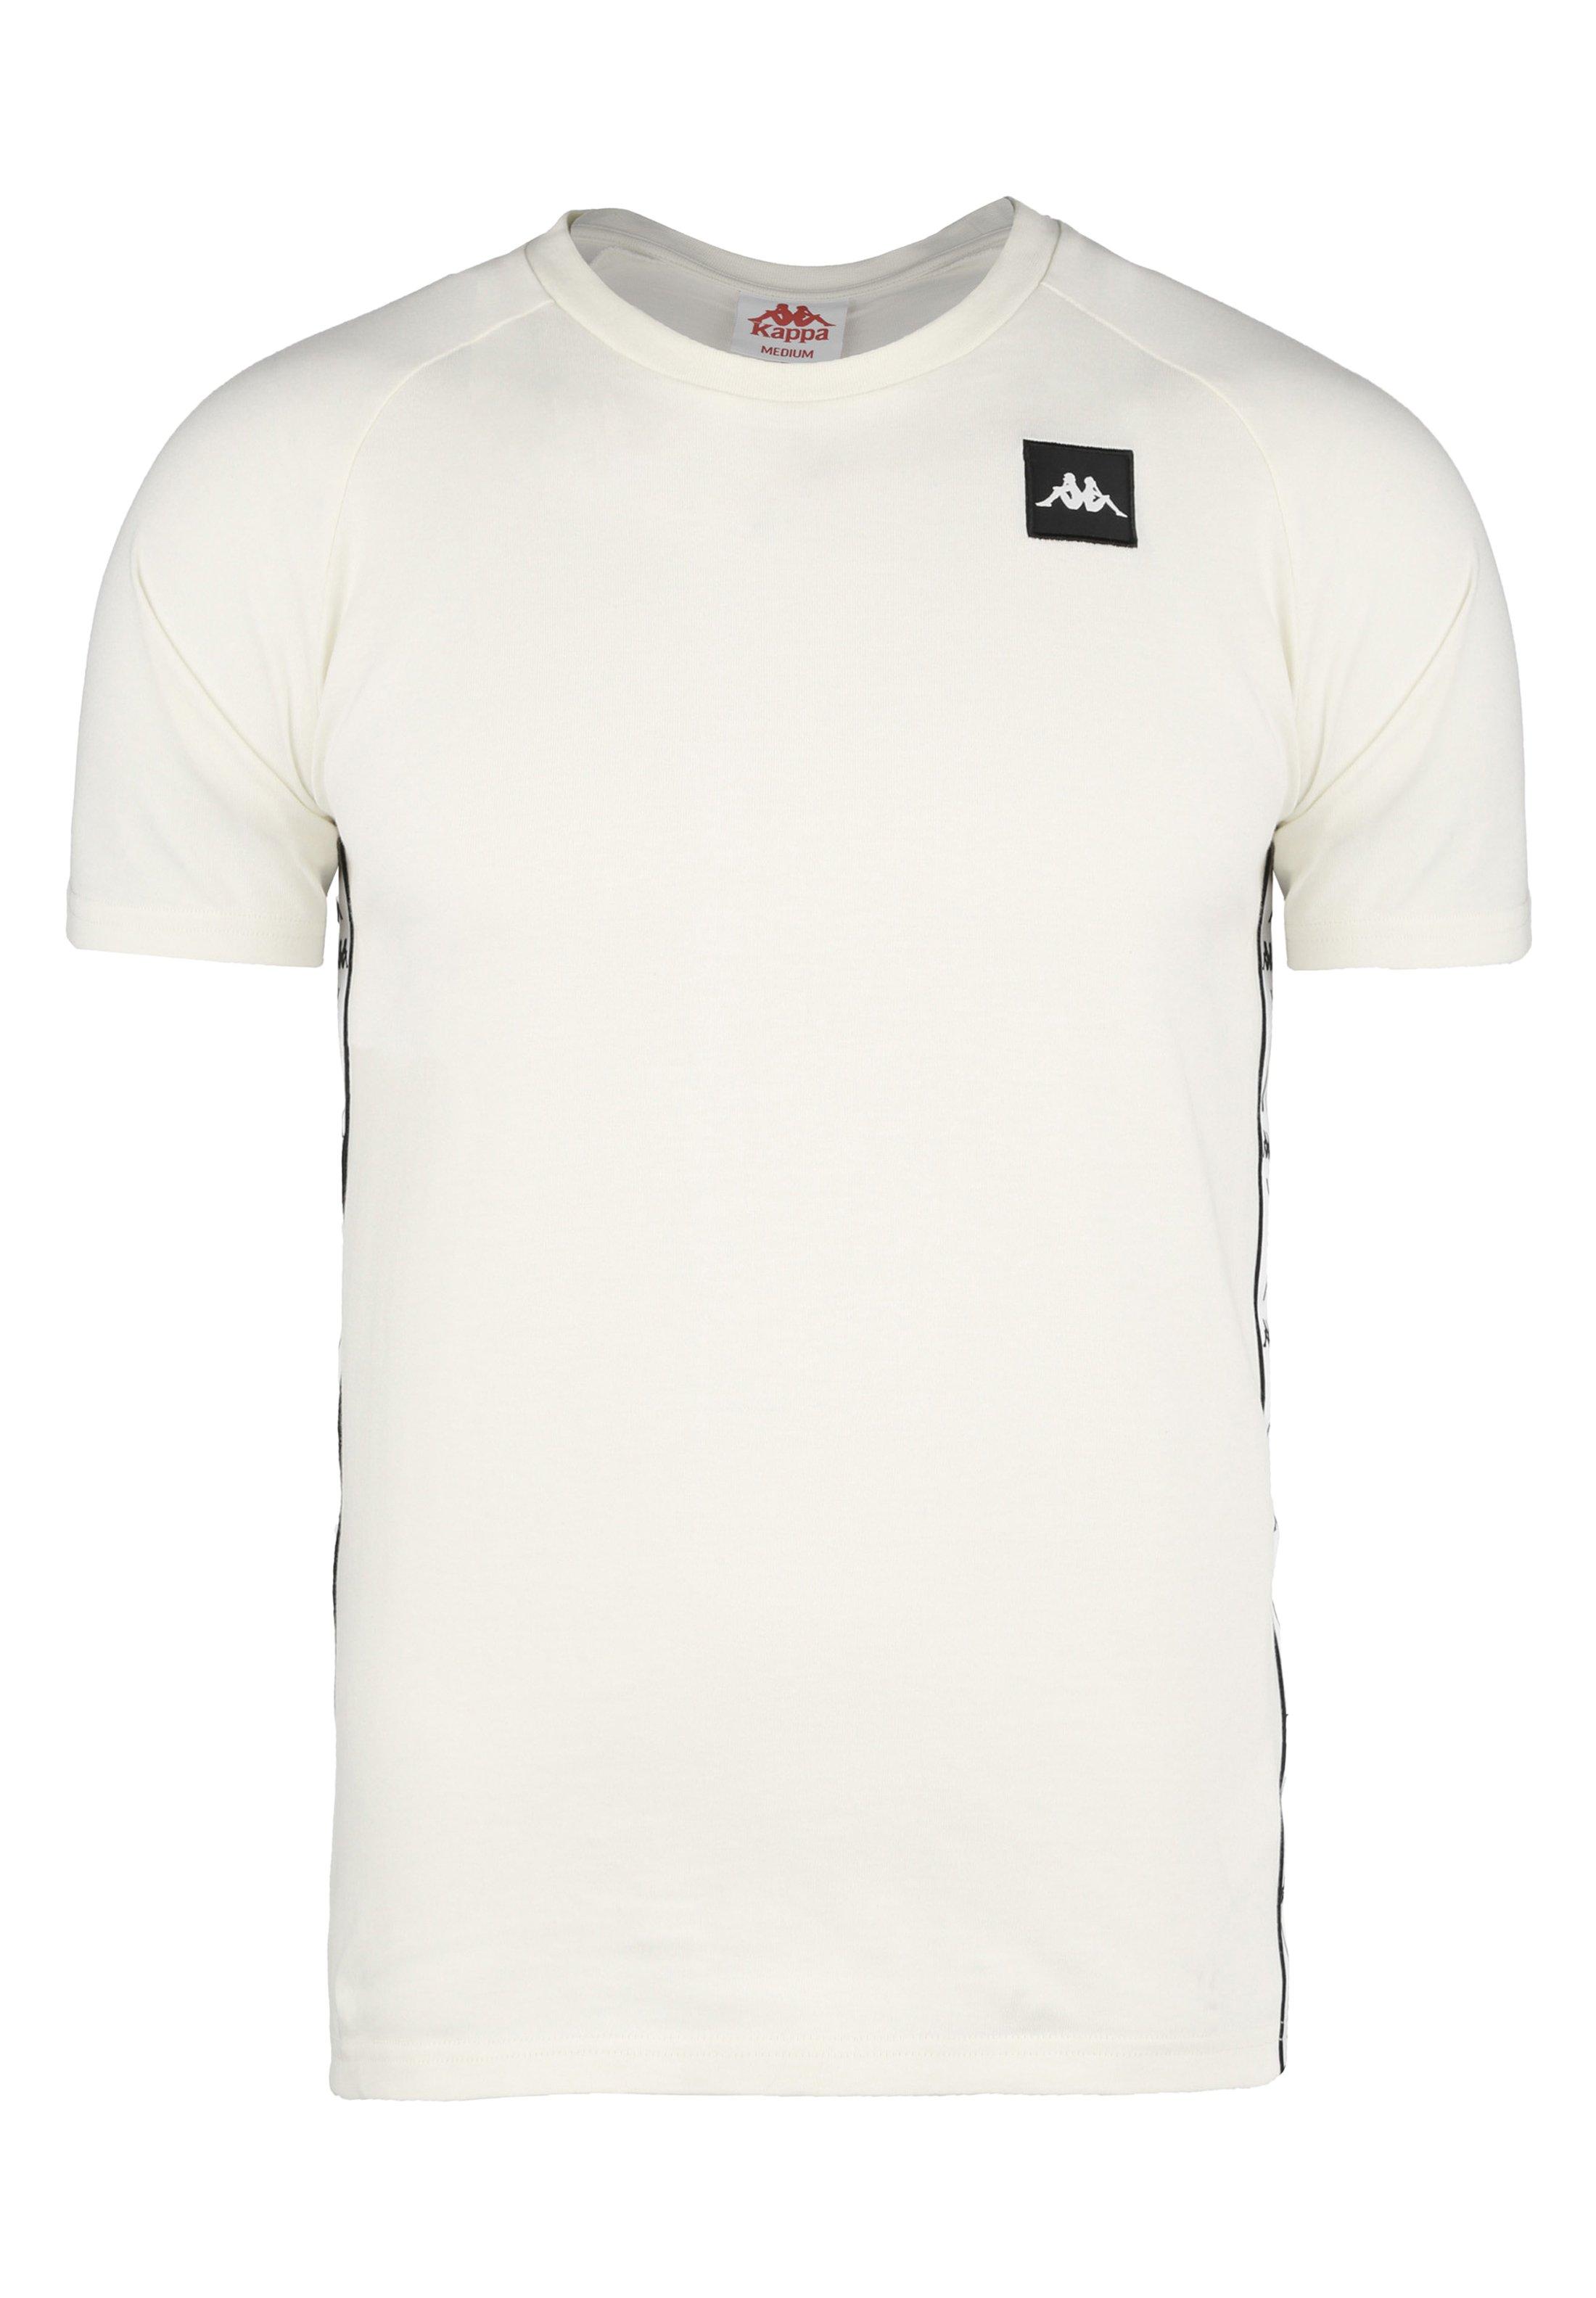 Homme KAPPA AUTHENTIC JPN CERNAM T-SHIRT HERREN - T-shirt imprimé